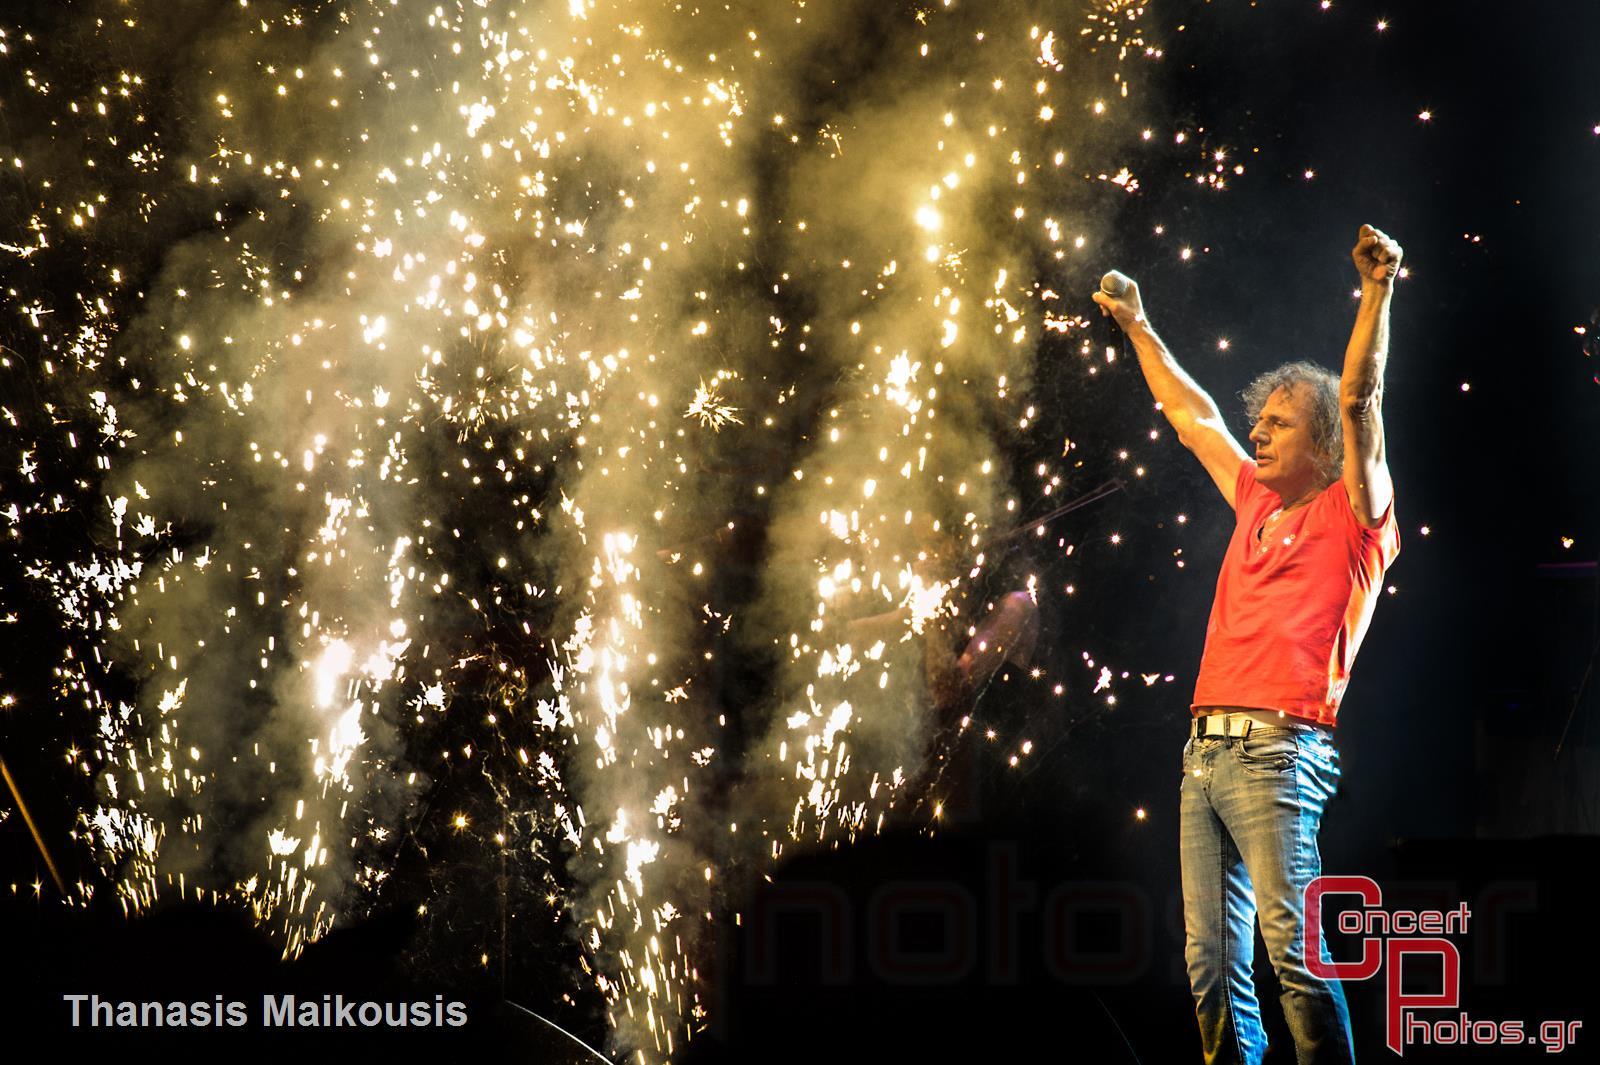 Βασίλης Παπακωνσταντίνου - 40 Χρόνια Έφηβος- photographer: Thanasis Maikousis - concertphotos_-